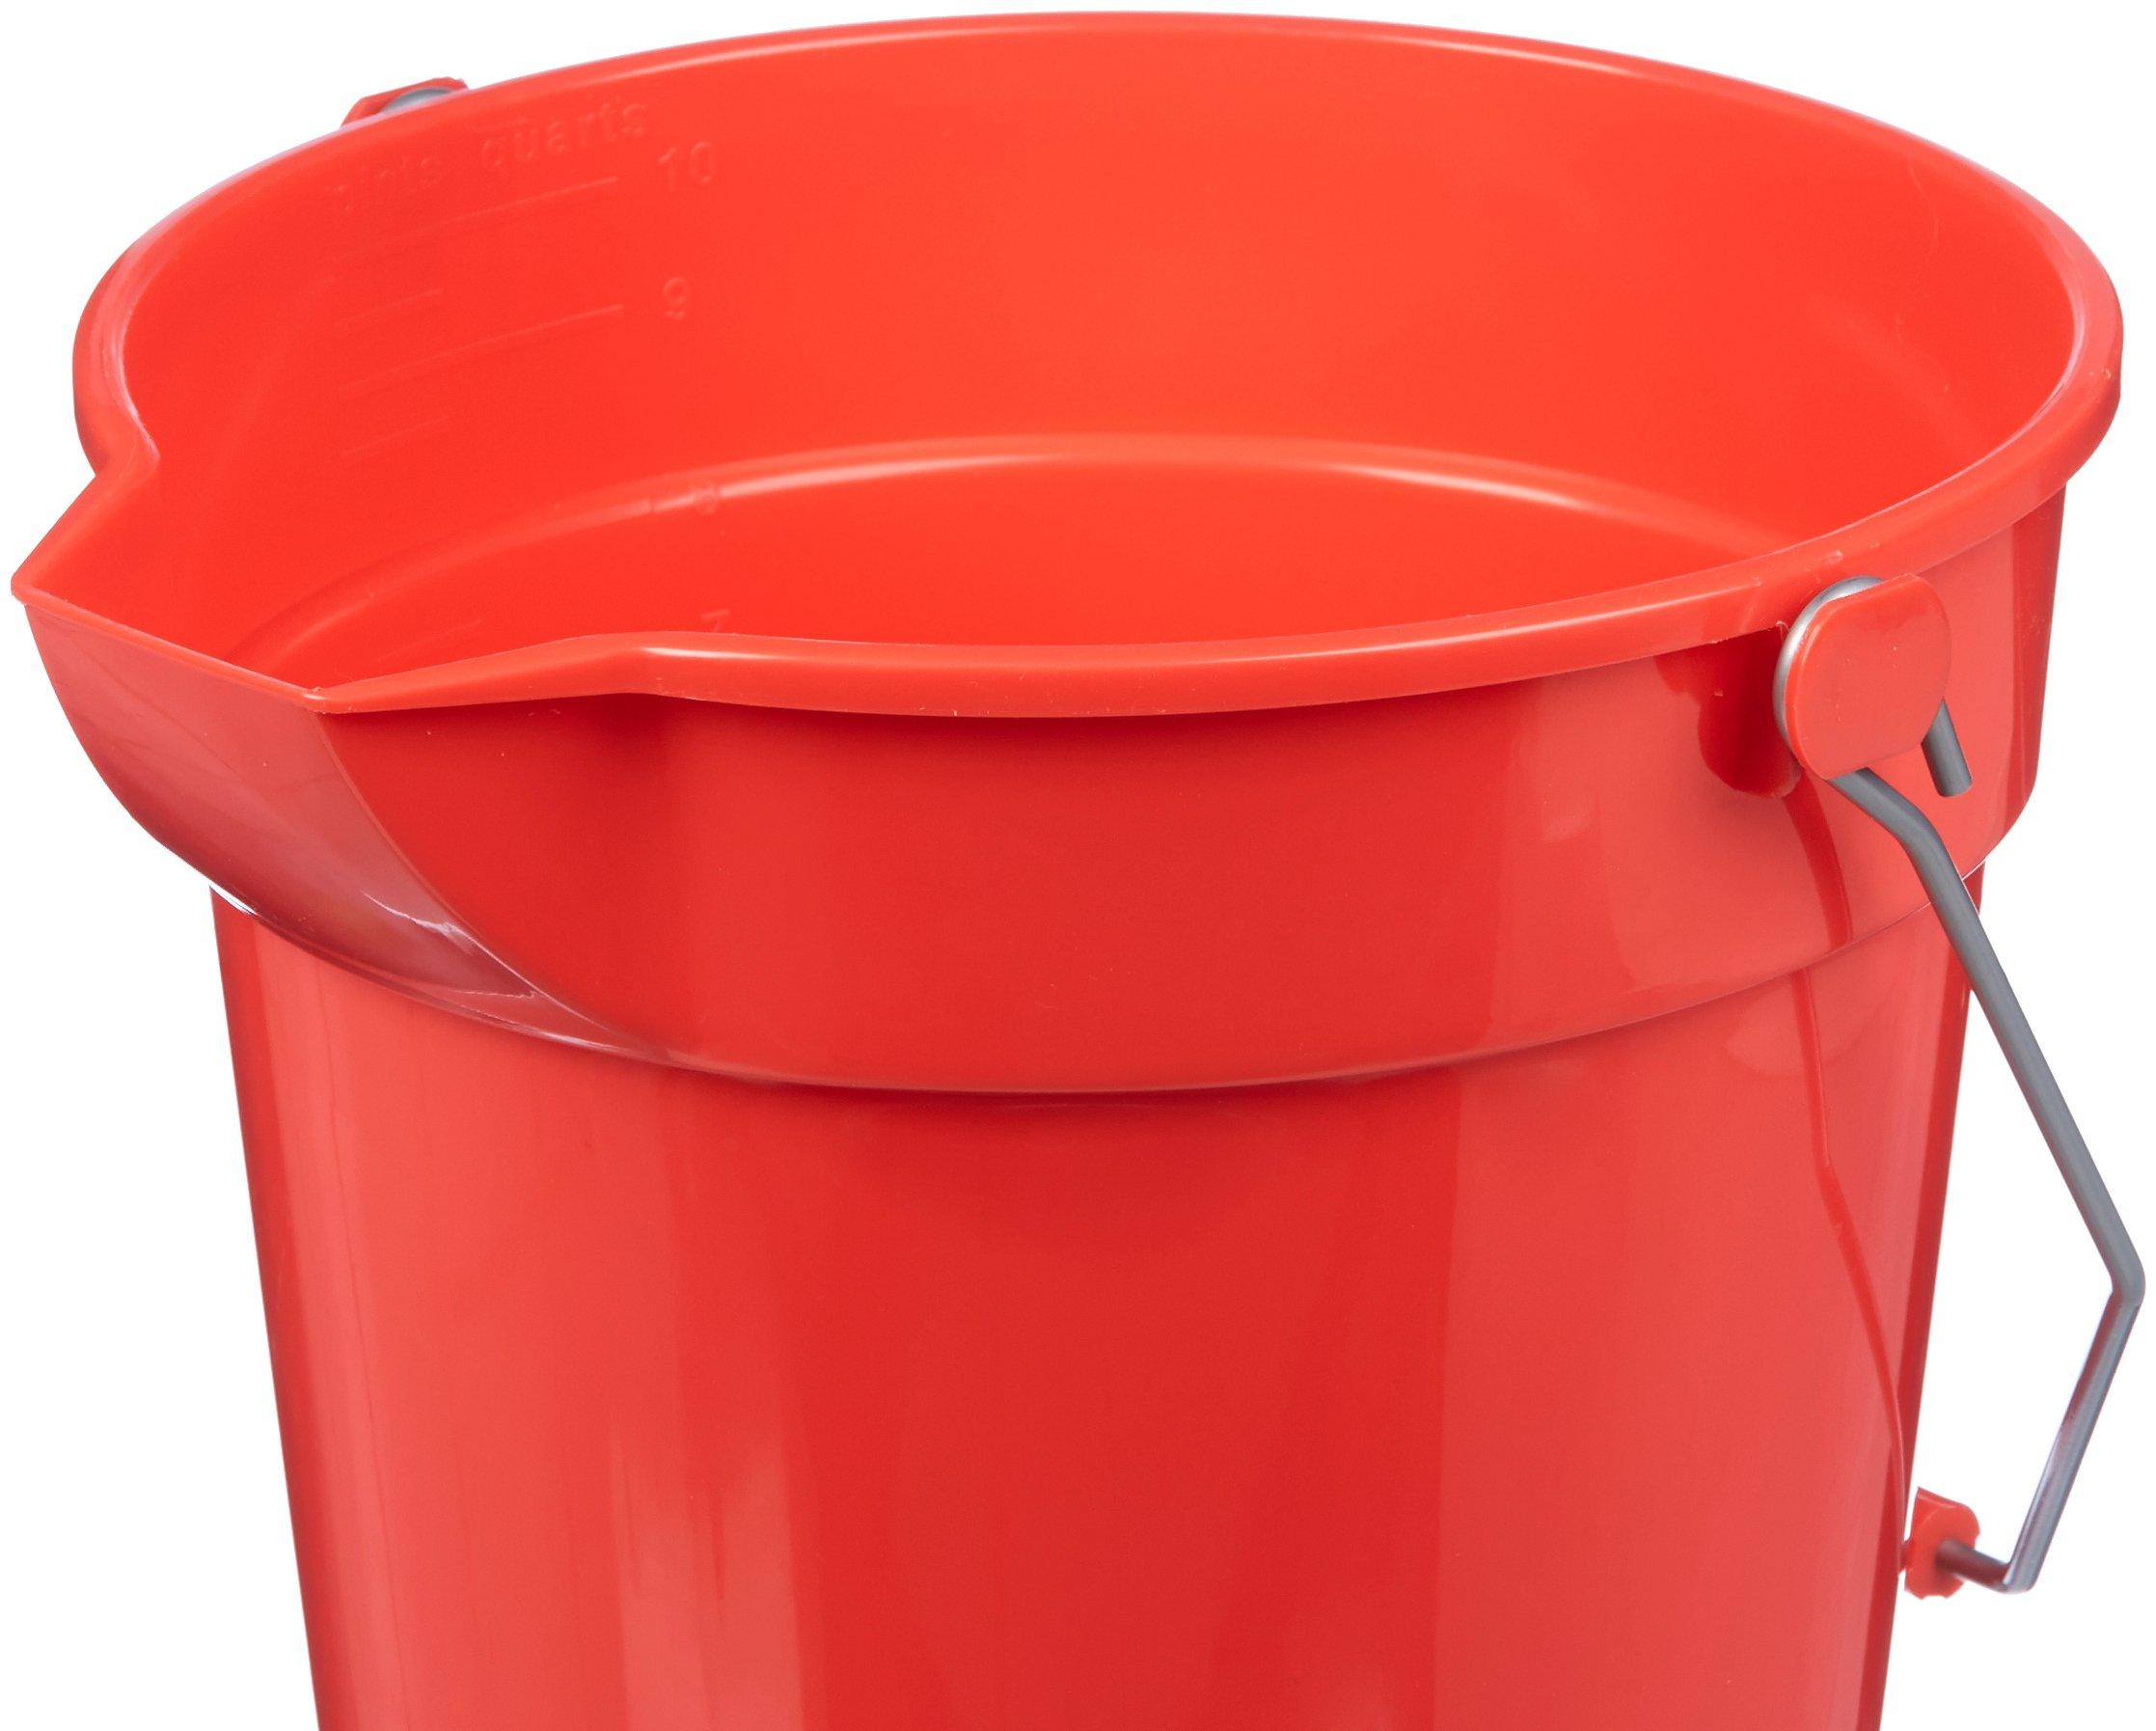 AmazonBasics 10 Quart Plastic Cleaning Bucket, Red - 6-Pack by AmazonBasics (Image #2)